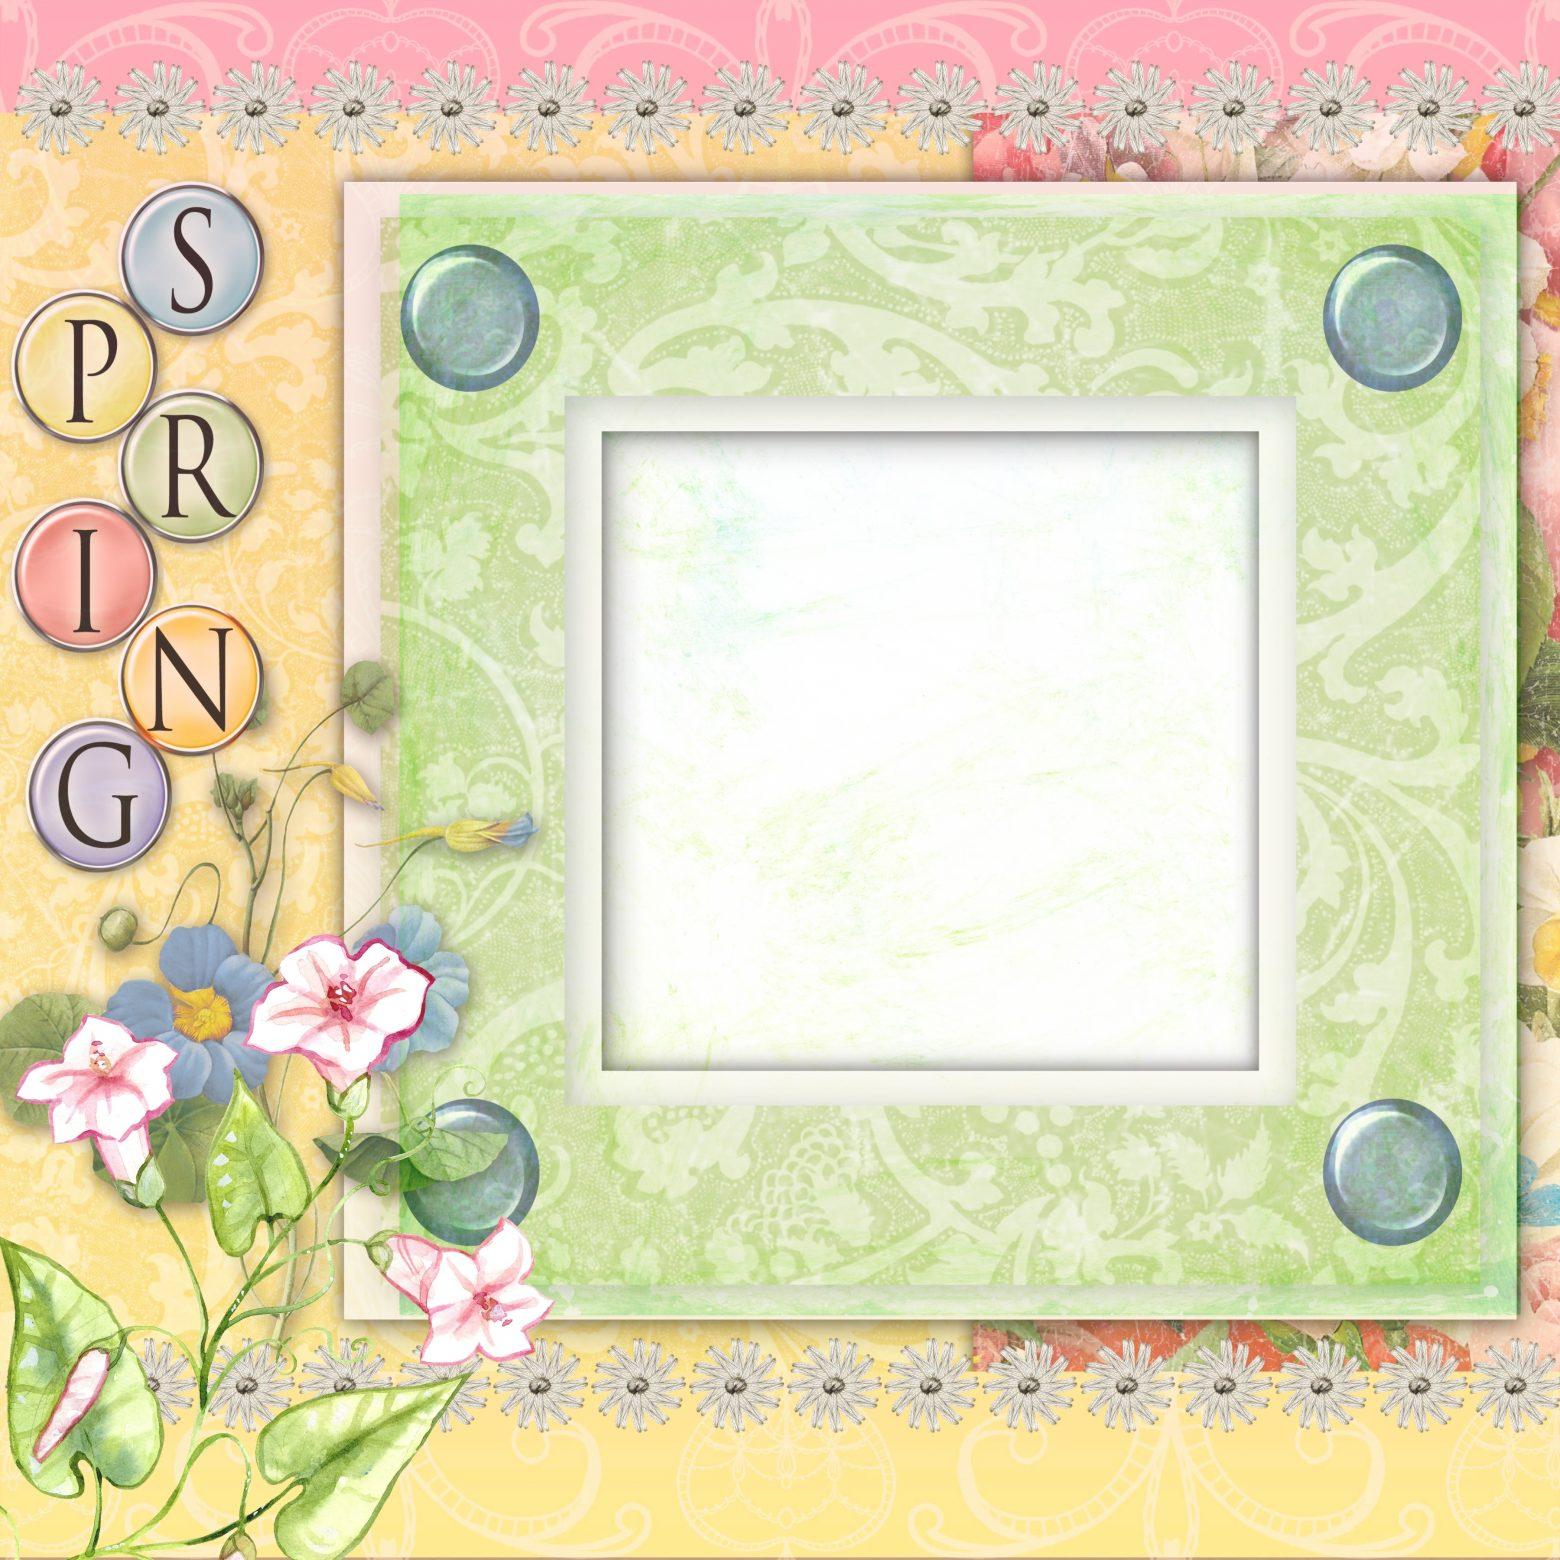 spring-1362191